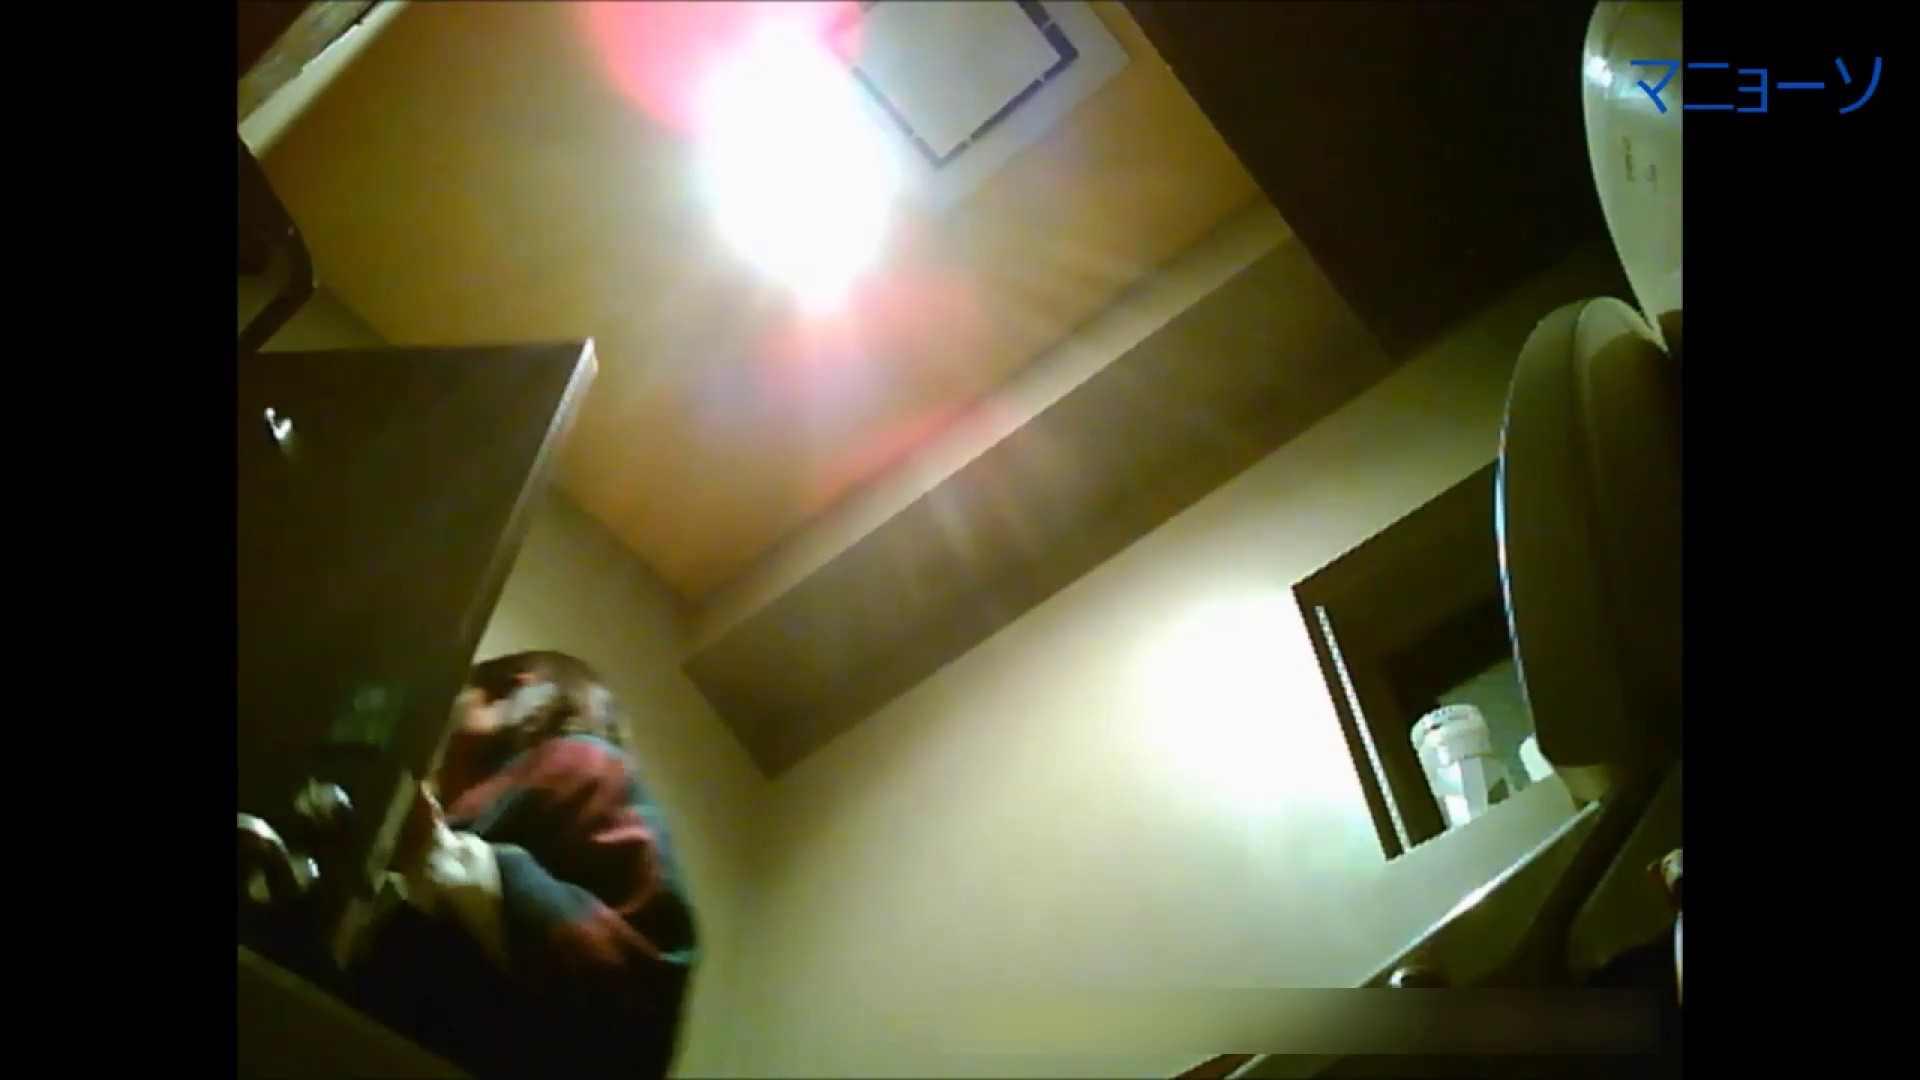 トイレでひと肌脱いでもらいました (JD編)Vol.01 トイレ | OLの実態  53pic 25